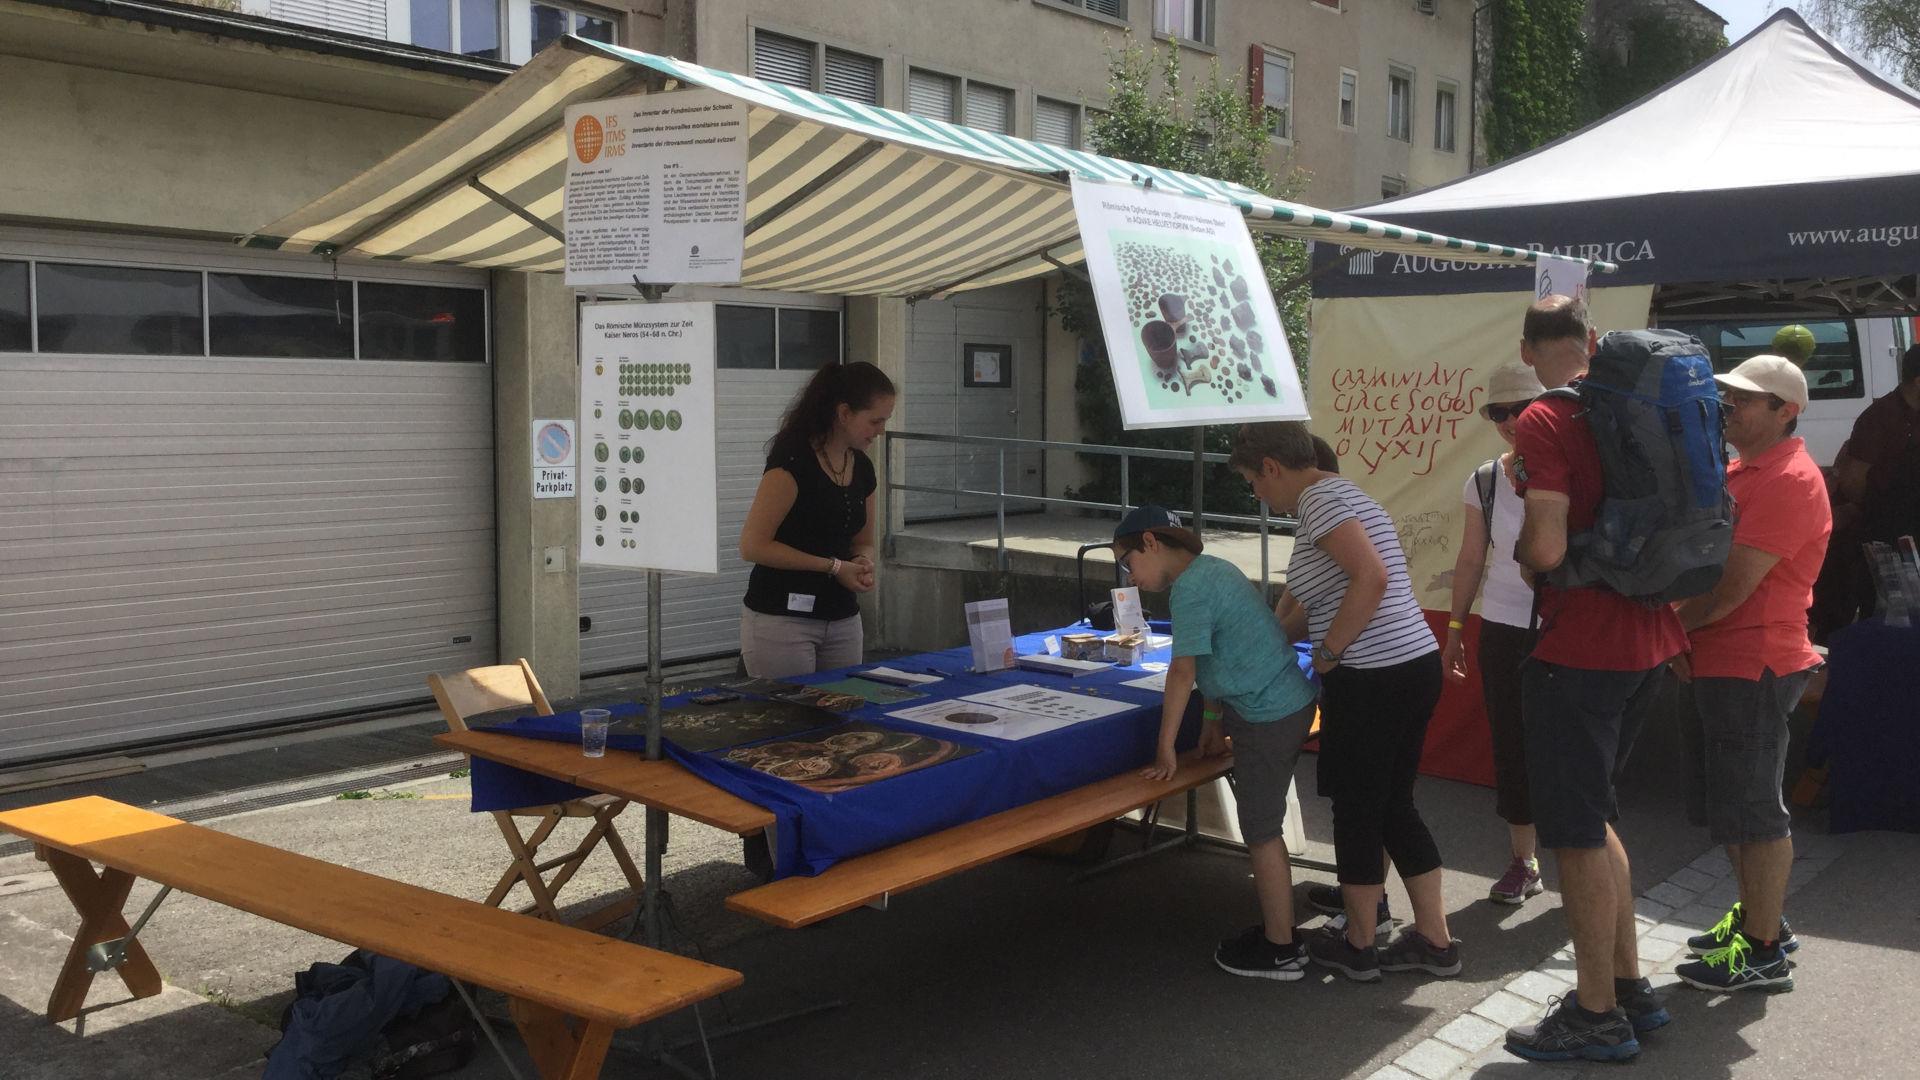 Jacqueline Lauper empfängt am IFS-Stand Besucherinnen und Besucher des Römerfests Vindonissa